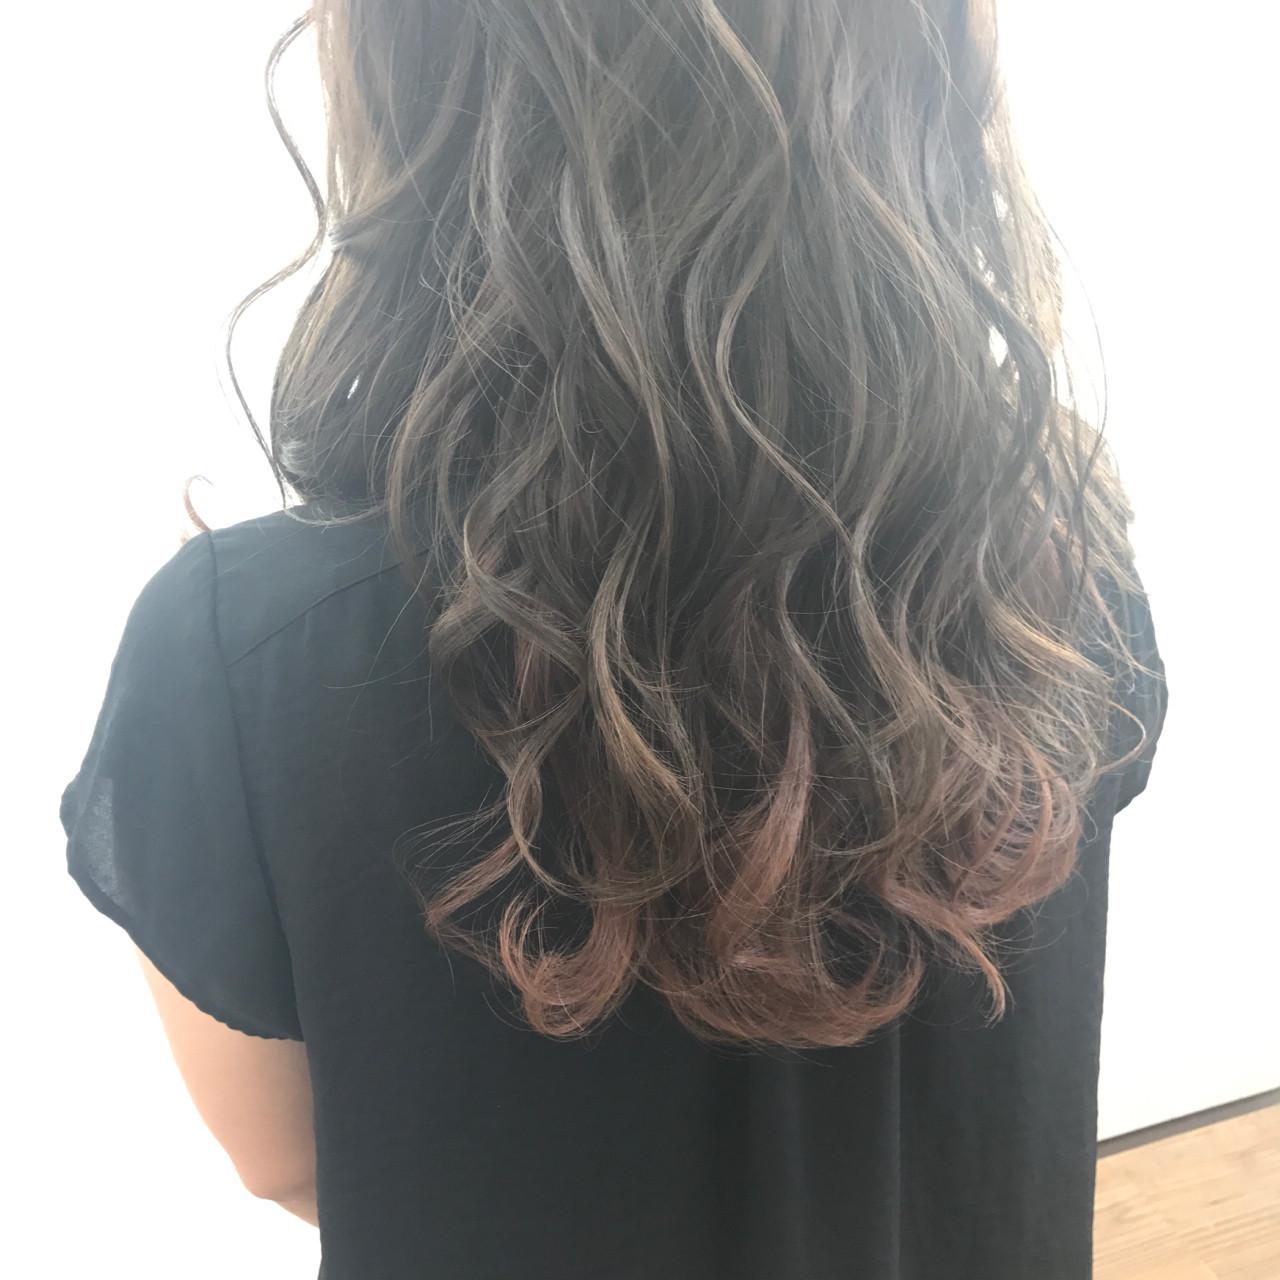 インナーカラー 秋 ナチュラル 大人かわいい ヘアスタイルや髪型の写真・画像 | ISHIKAWA TORU / Hair Salon GREENROOM